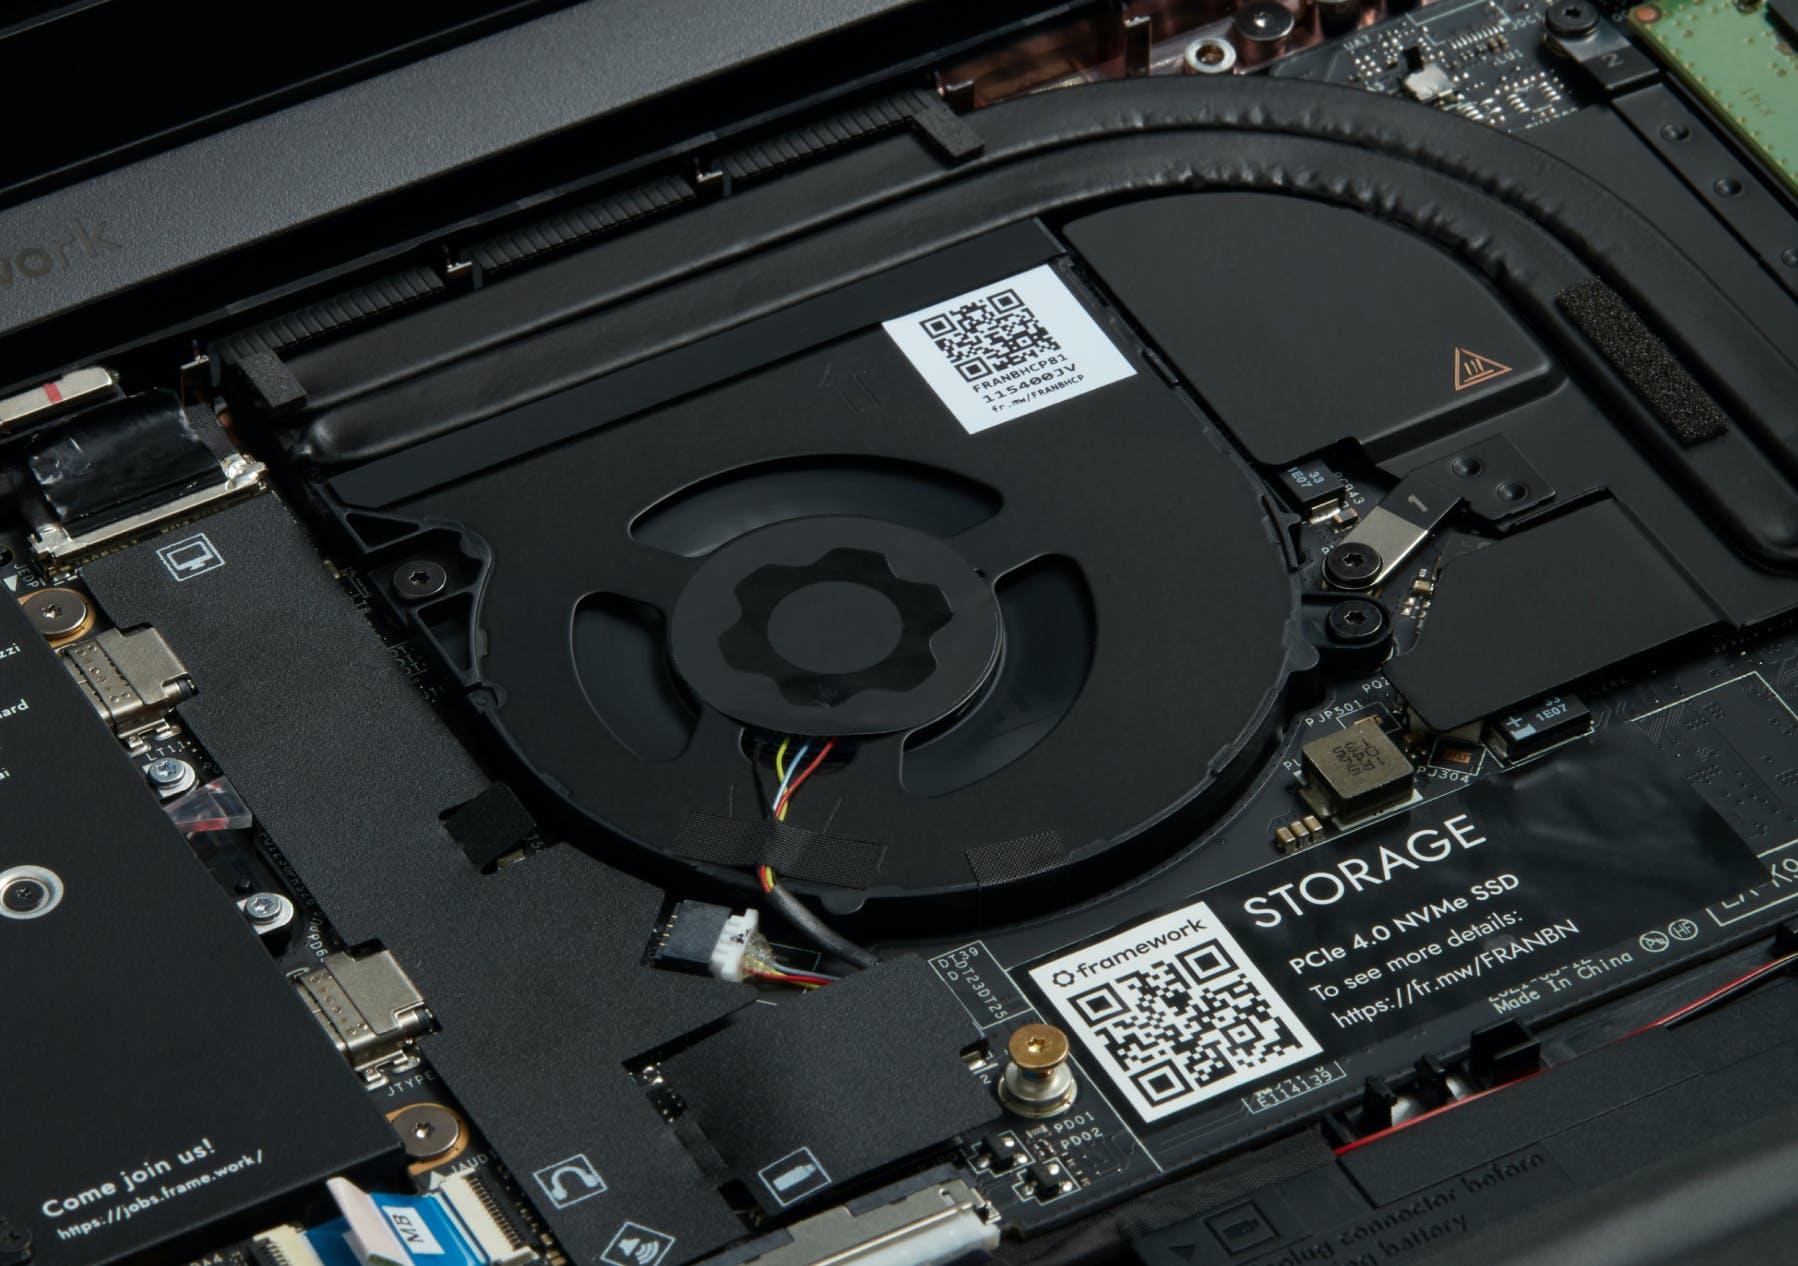 Framework Laptop mainboard fan